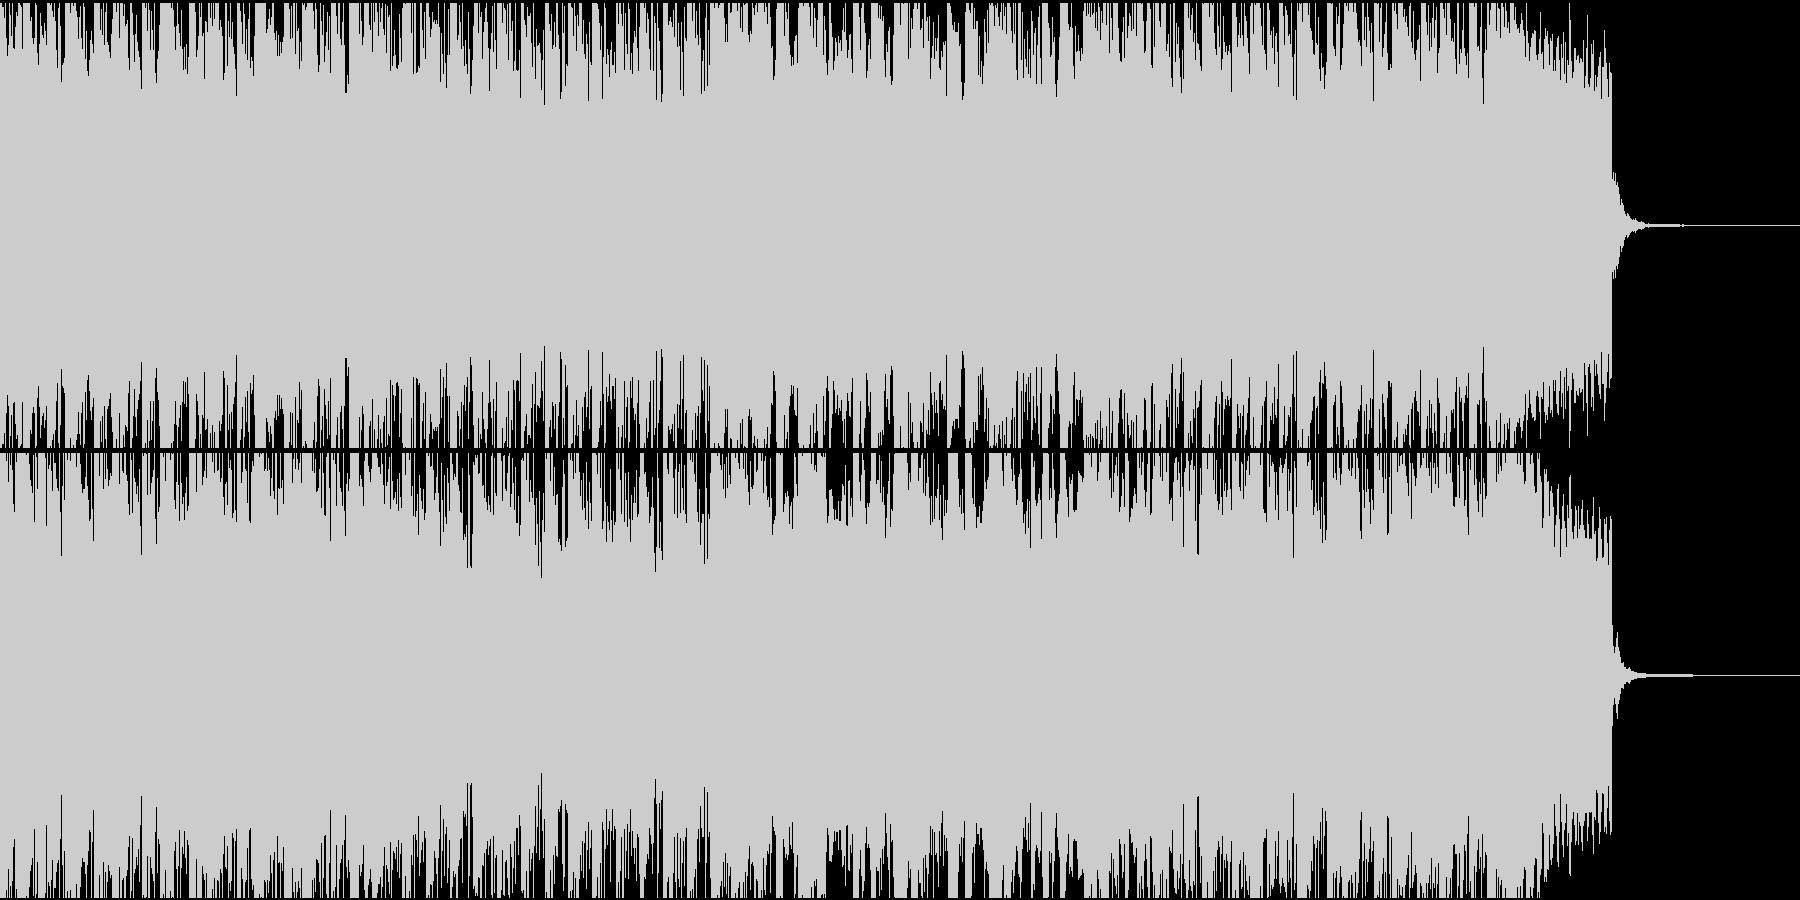 アラビアンでパーカッシブなBGMの未再生の波形